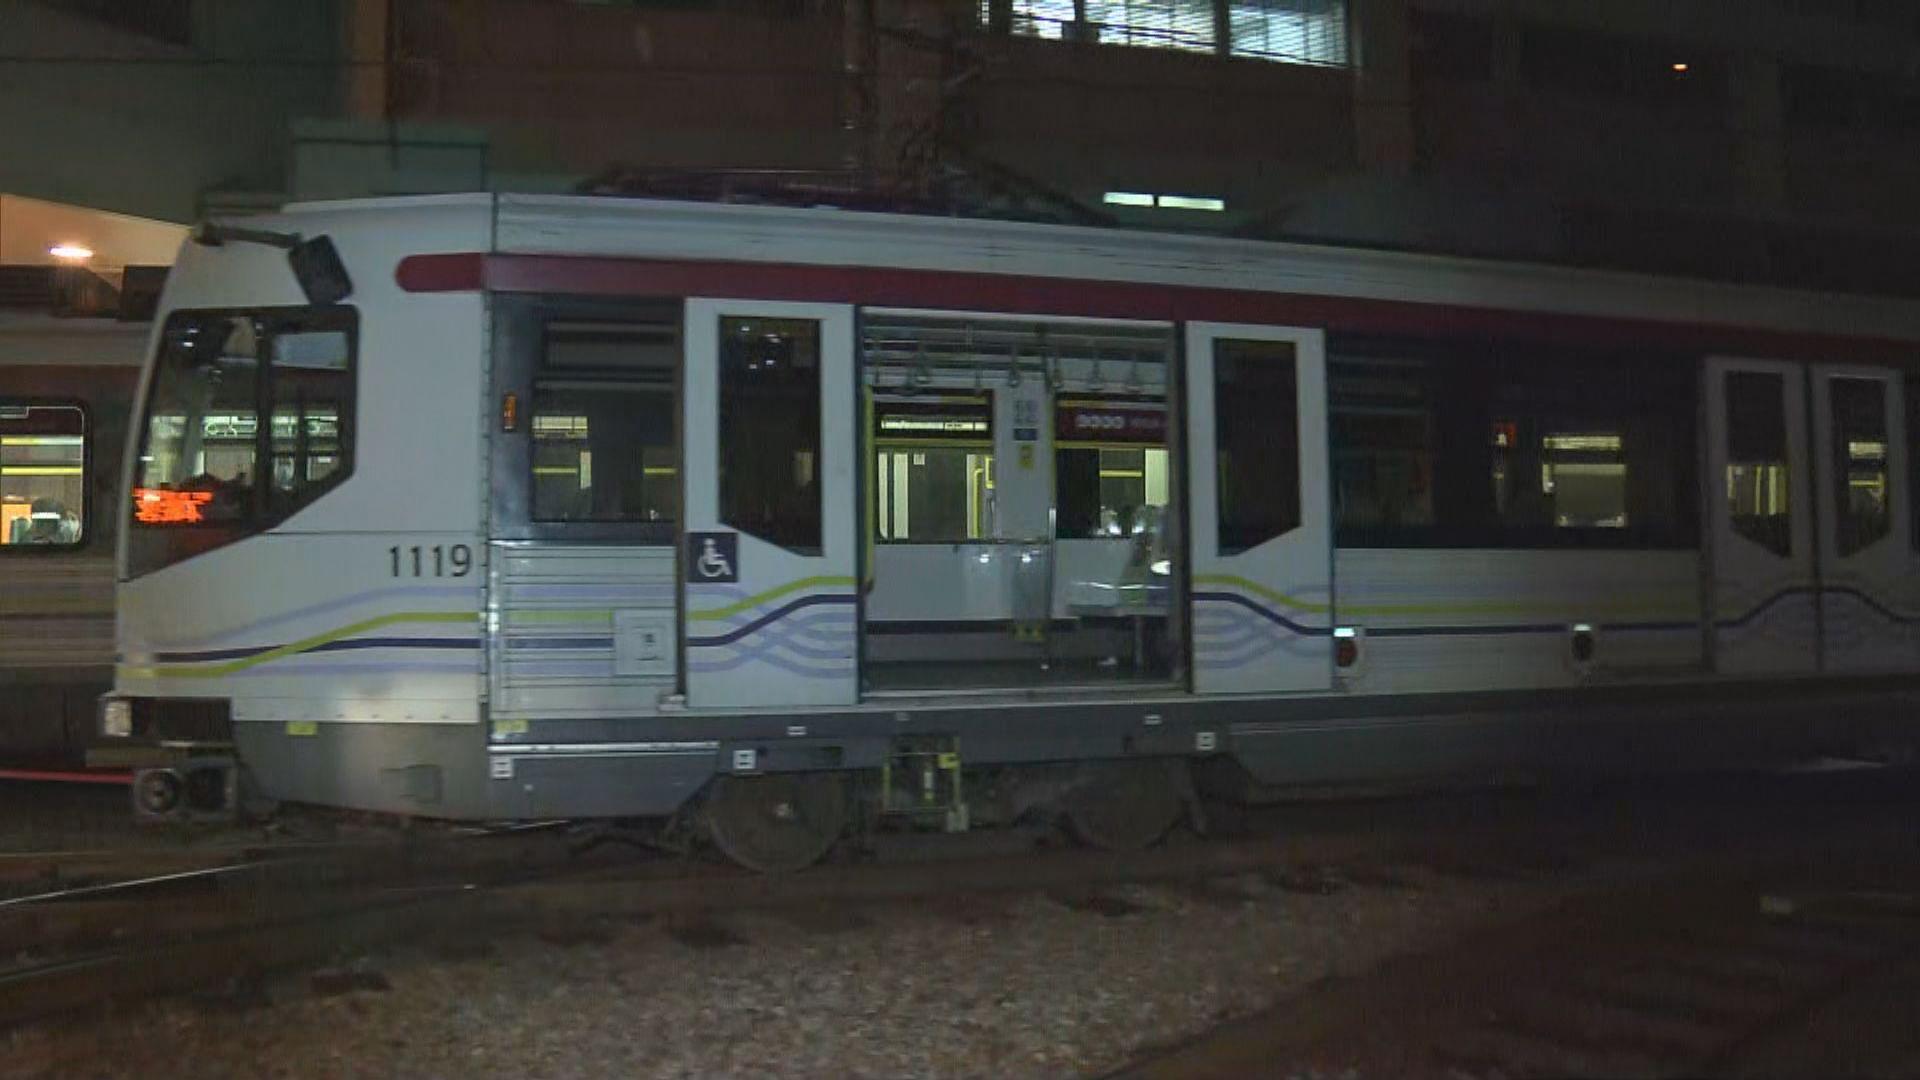 輕鐵兆康站列車出軌 港鐵安排免費接駁巴士